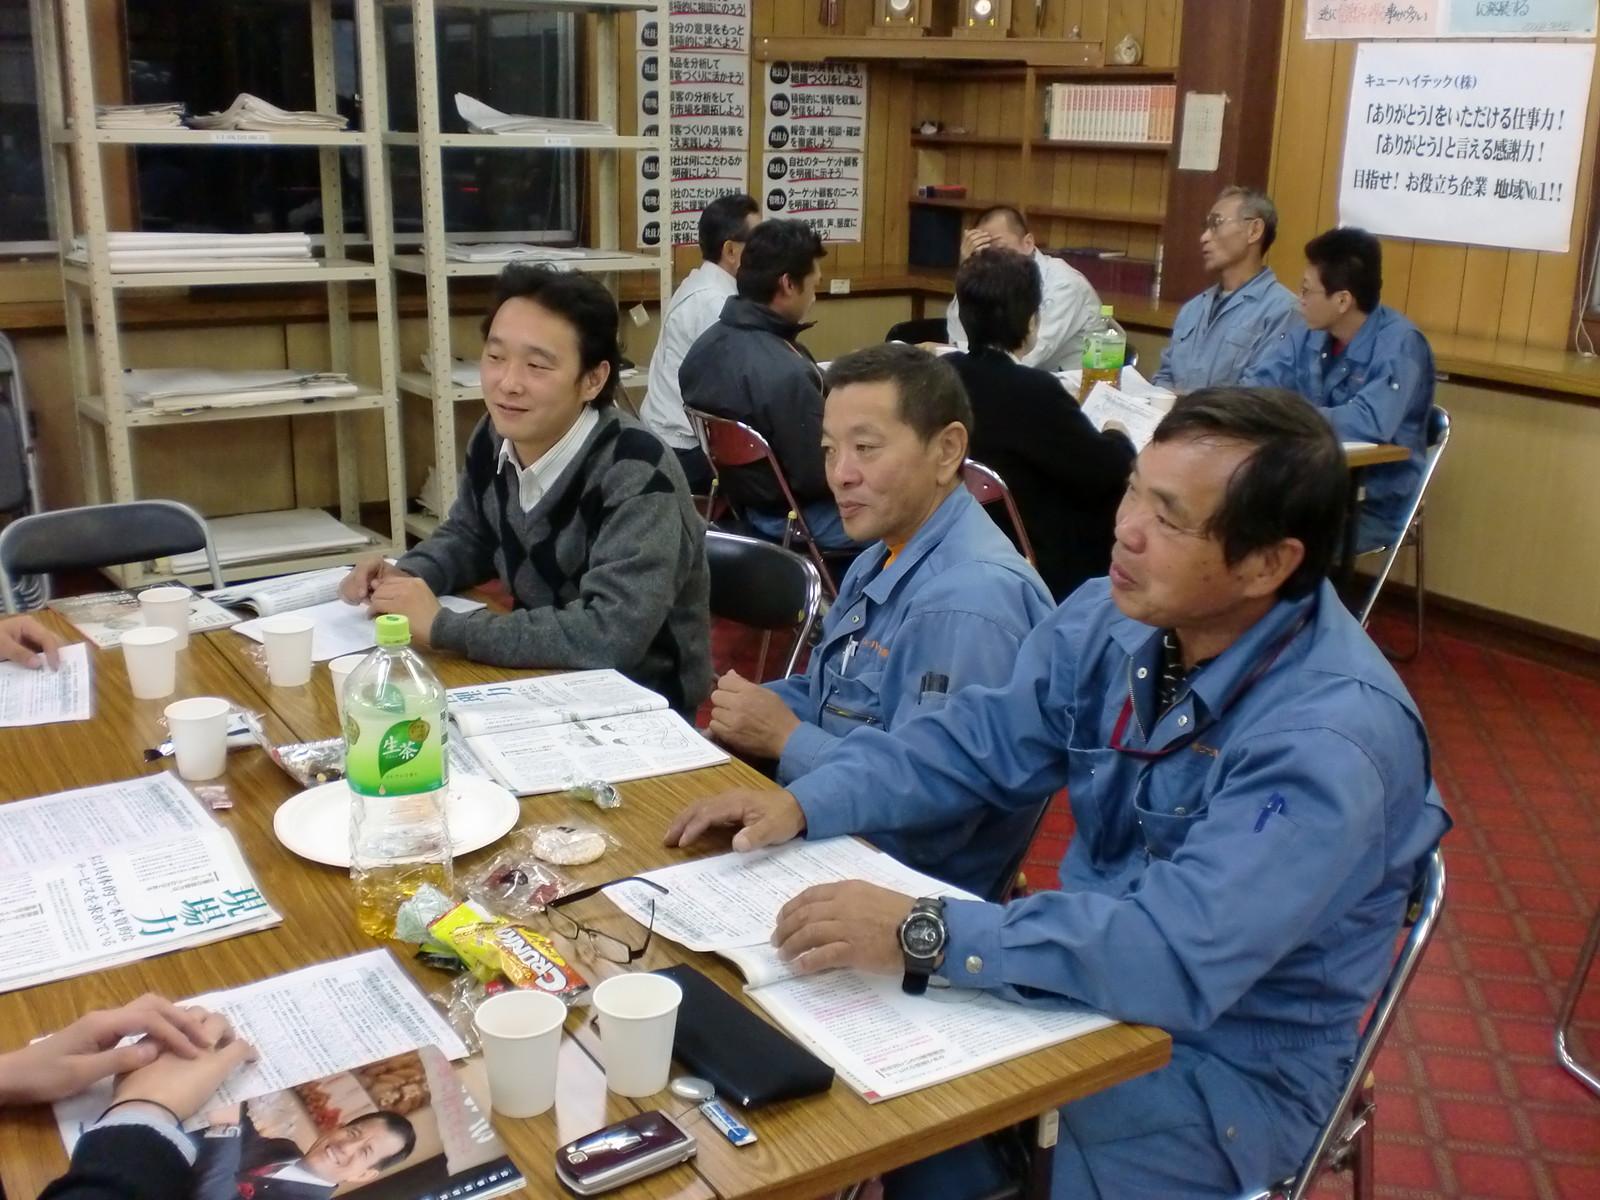 10月「理念と経営」社内勉強会を開催しました